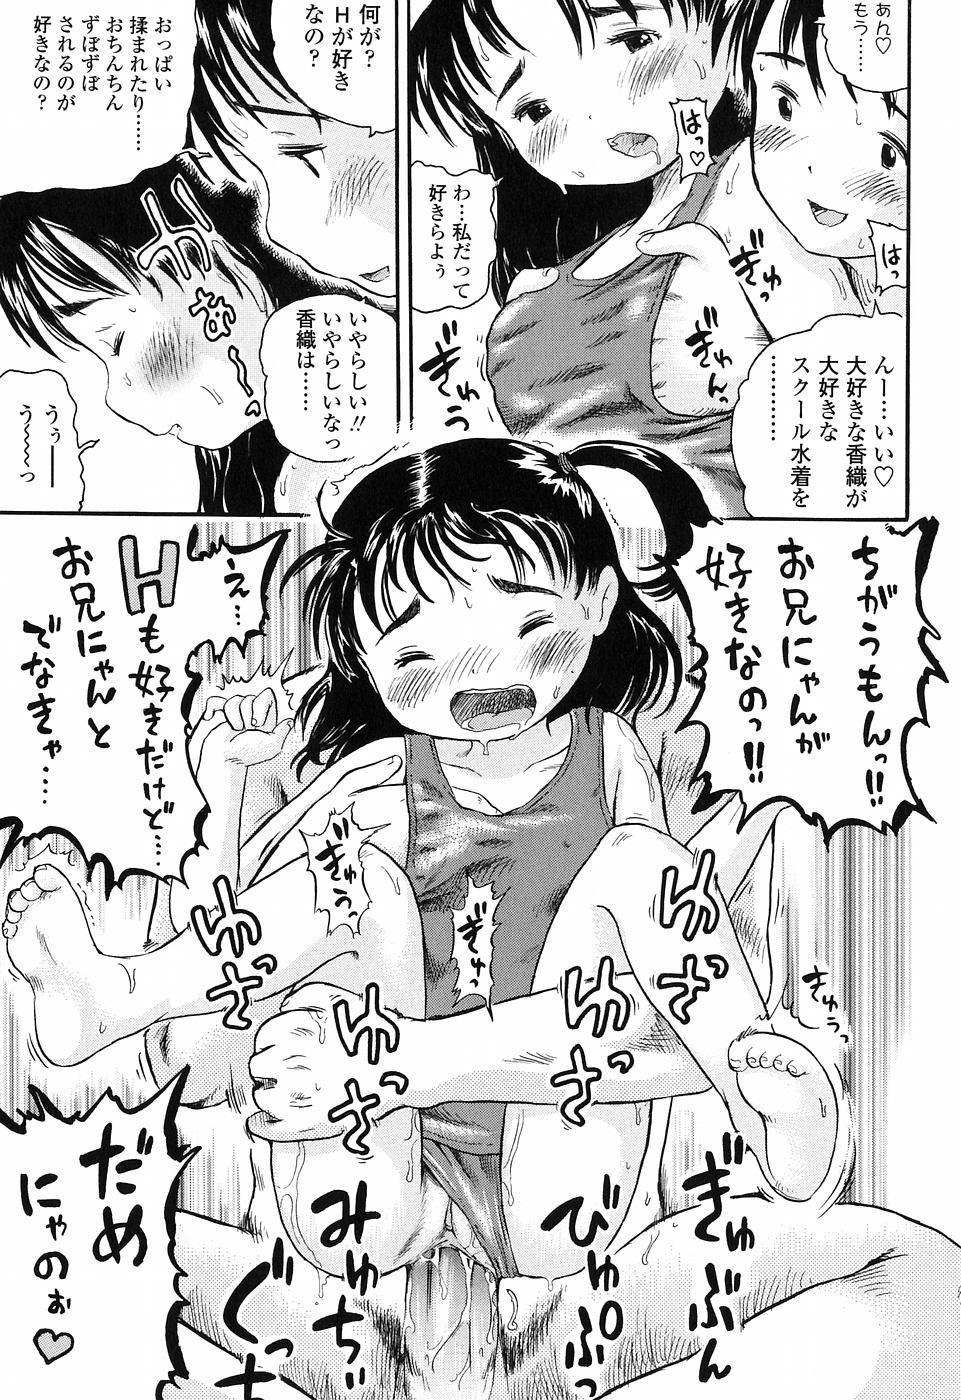 Koisuru Fukurami 160